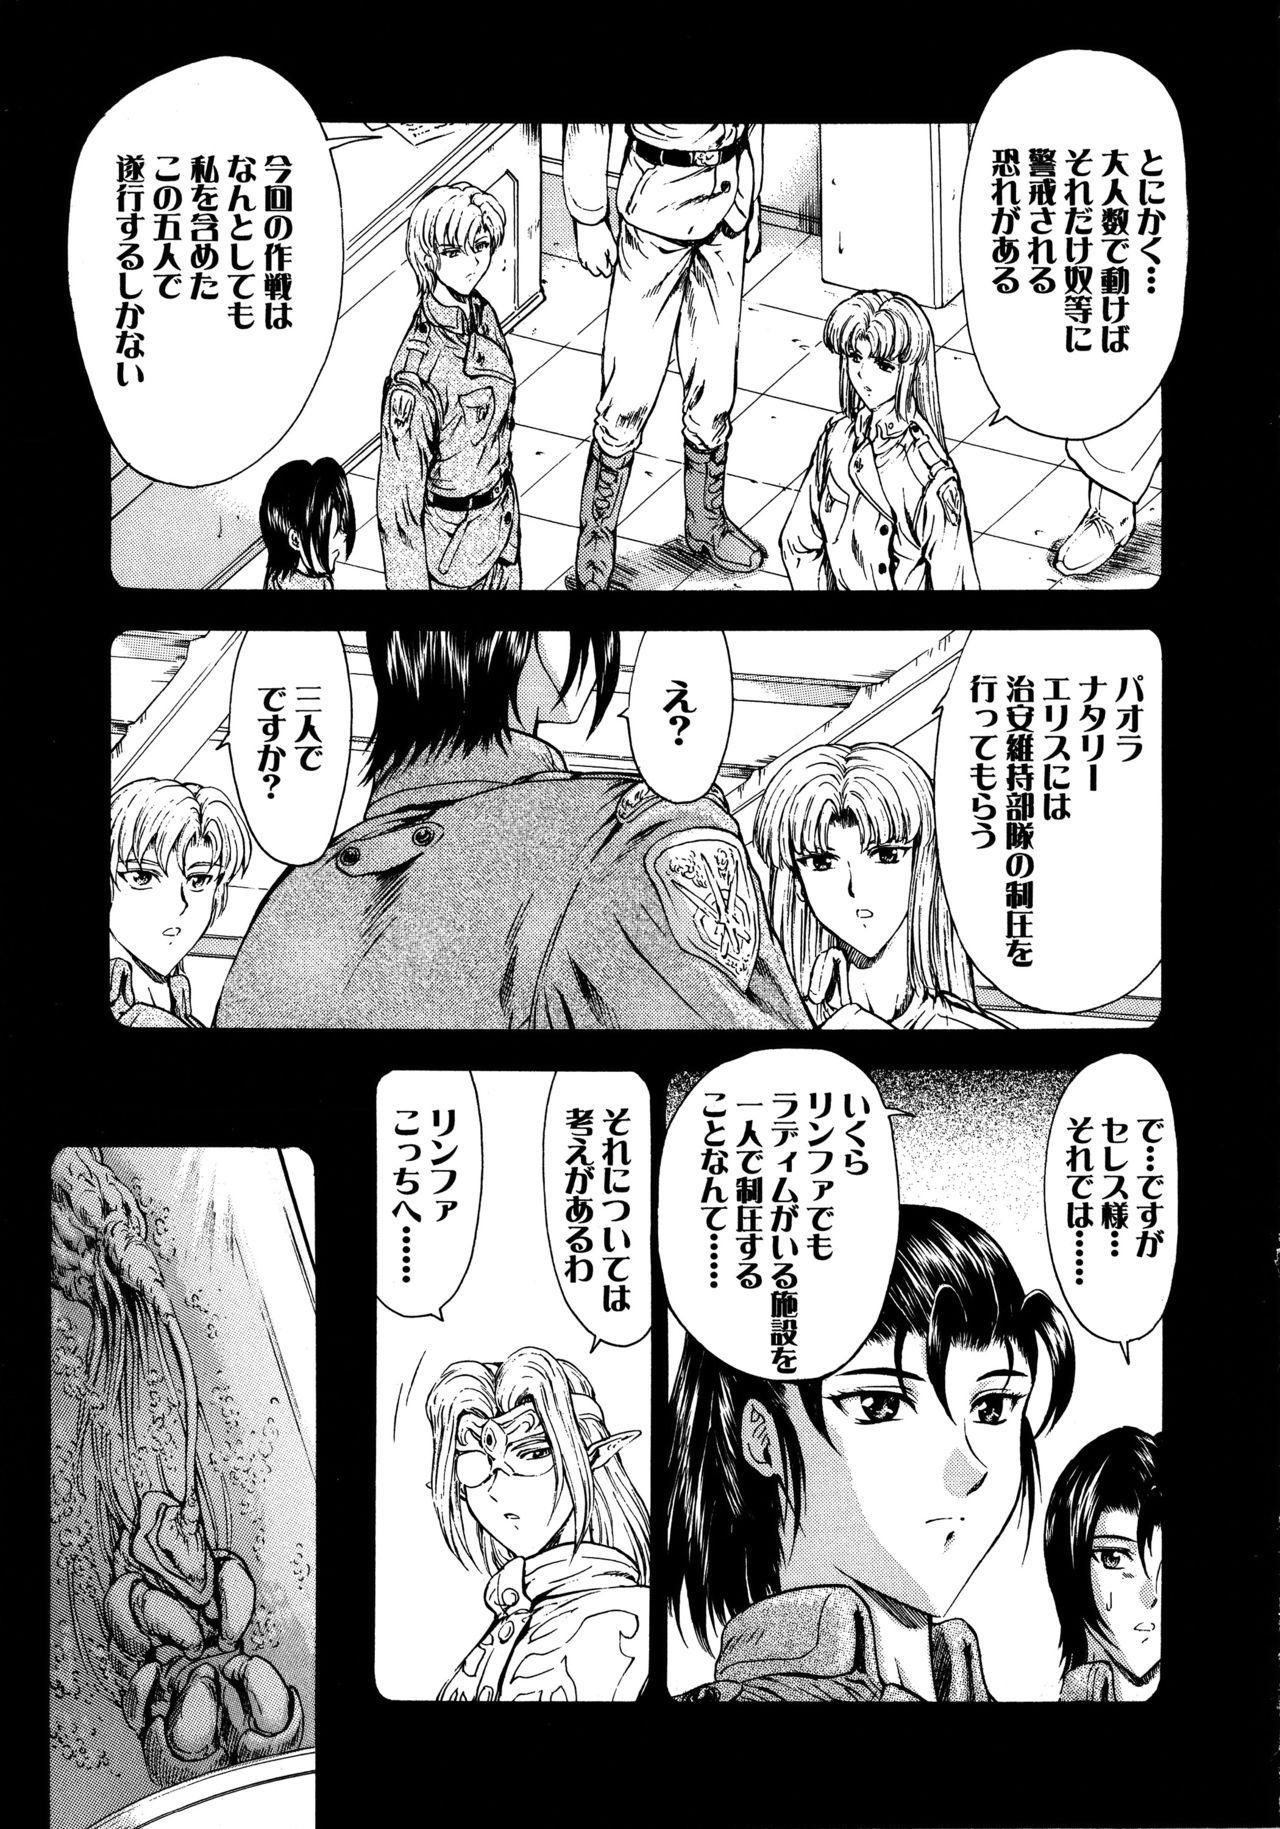 Ginryuu no Reimei Vol. 1 140